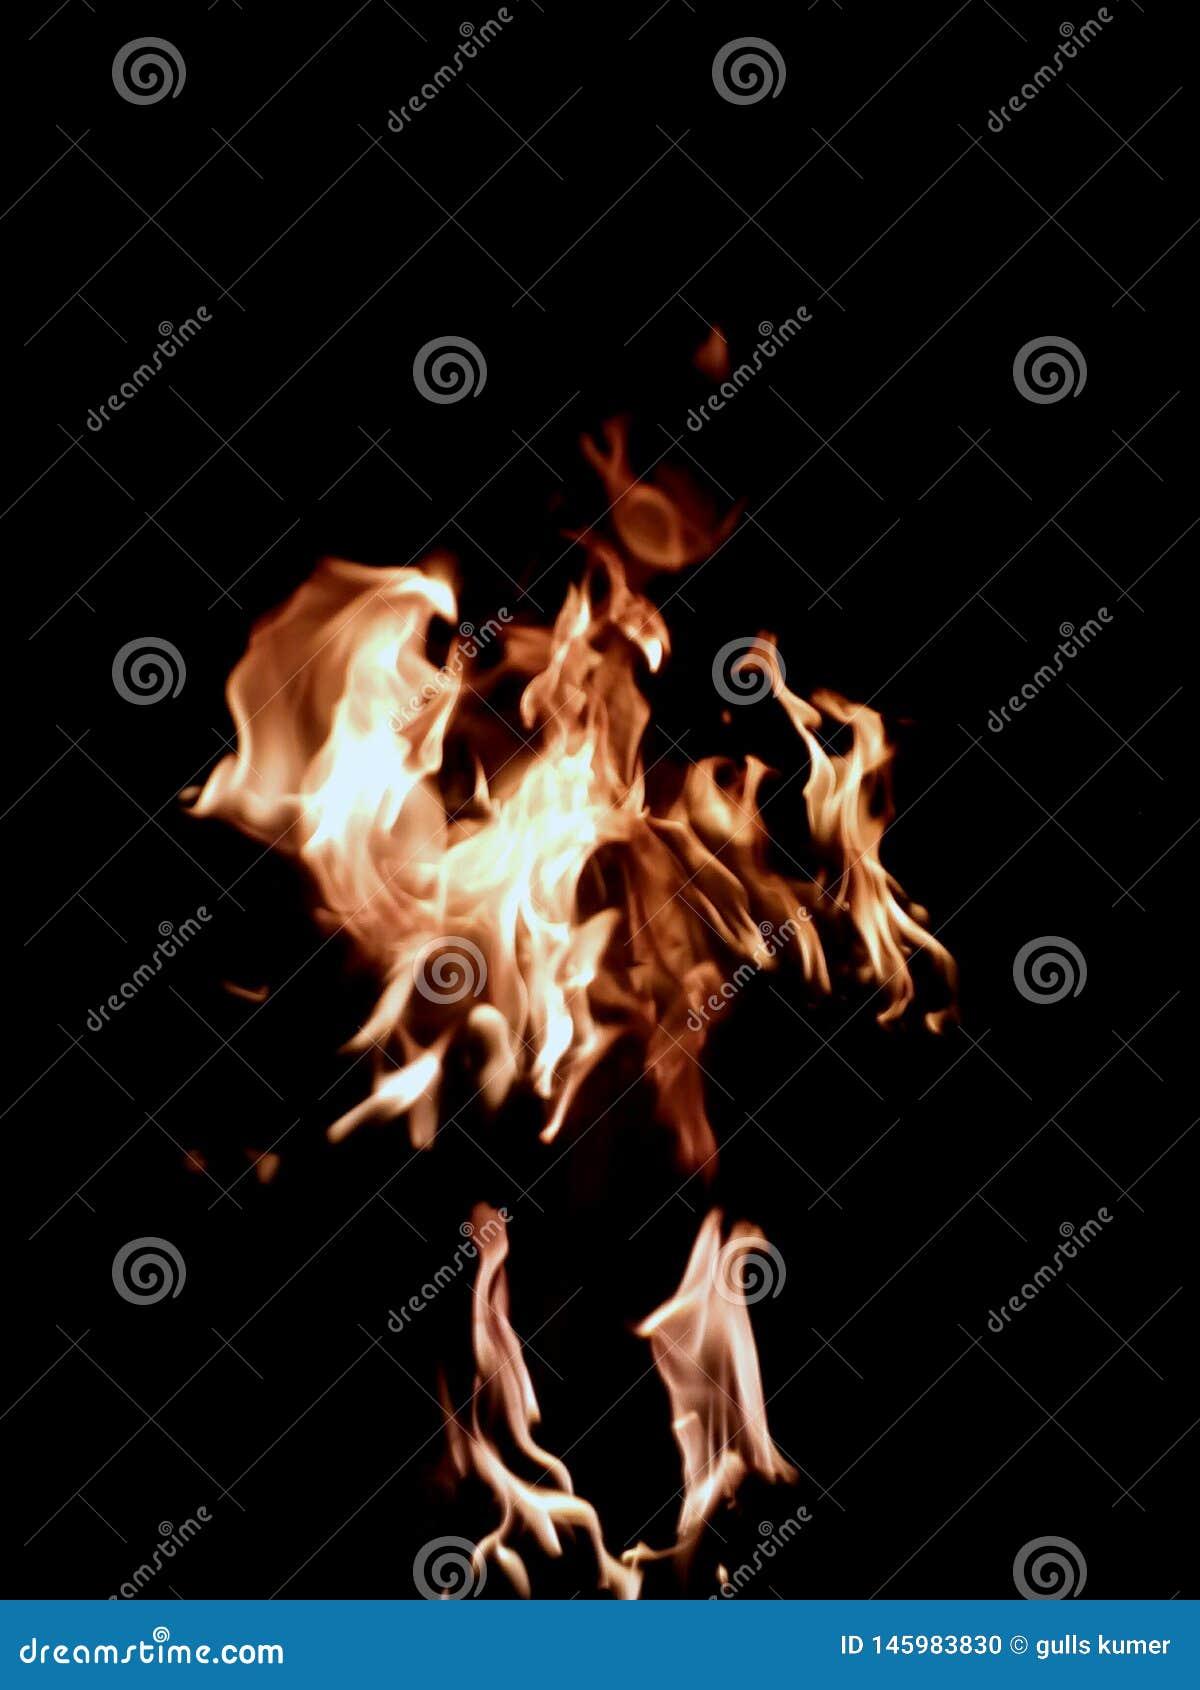 Creación del monstruo como el cráneo por la llama del fuego